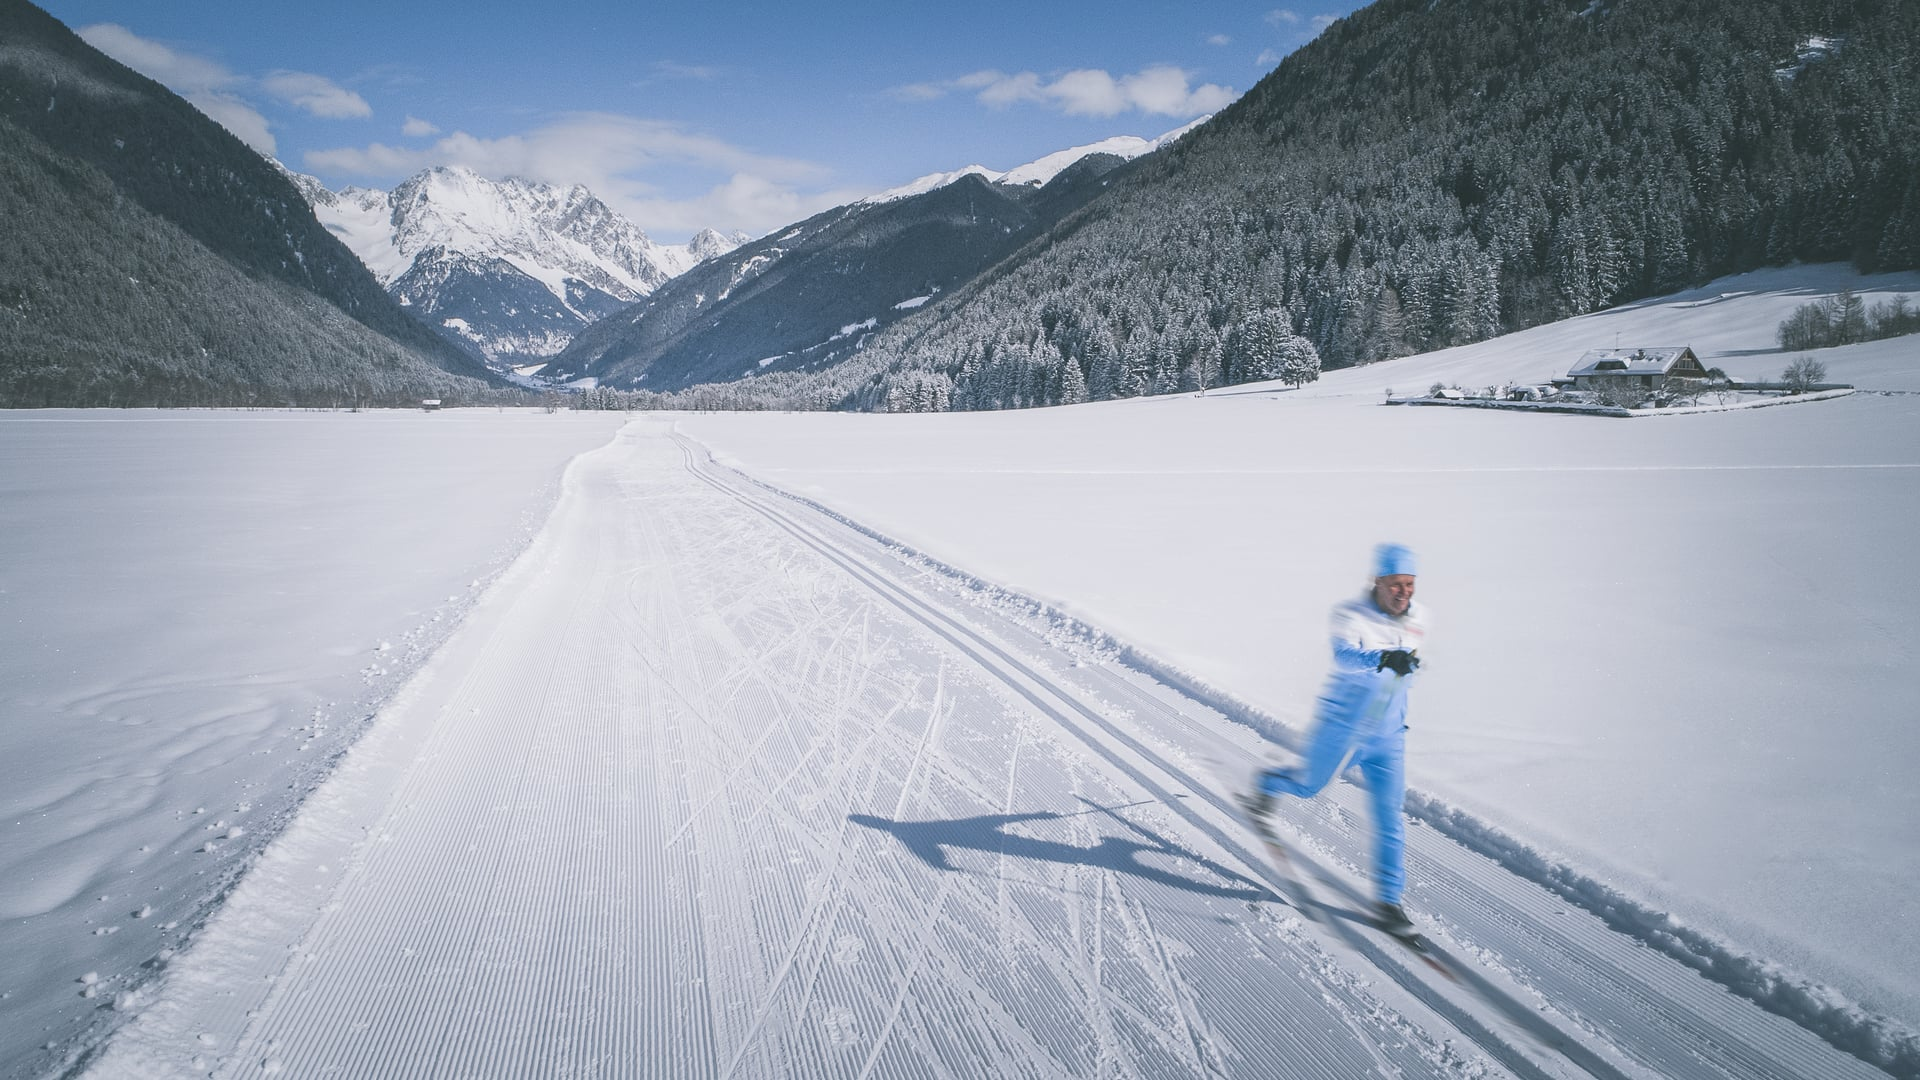 Das Biathlon-Tal